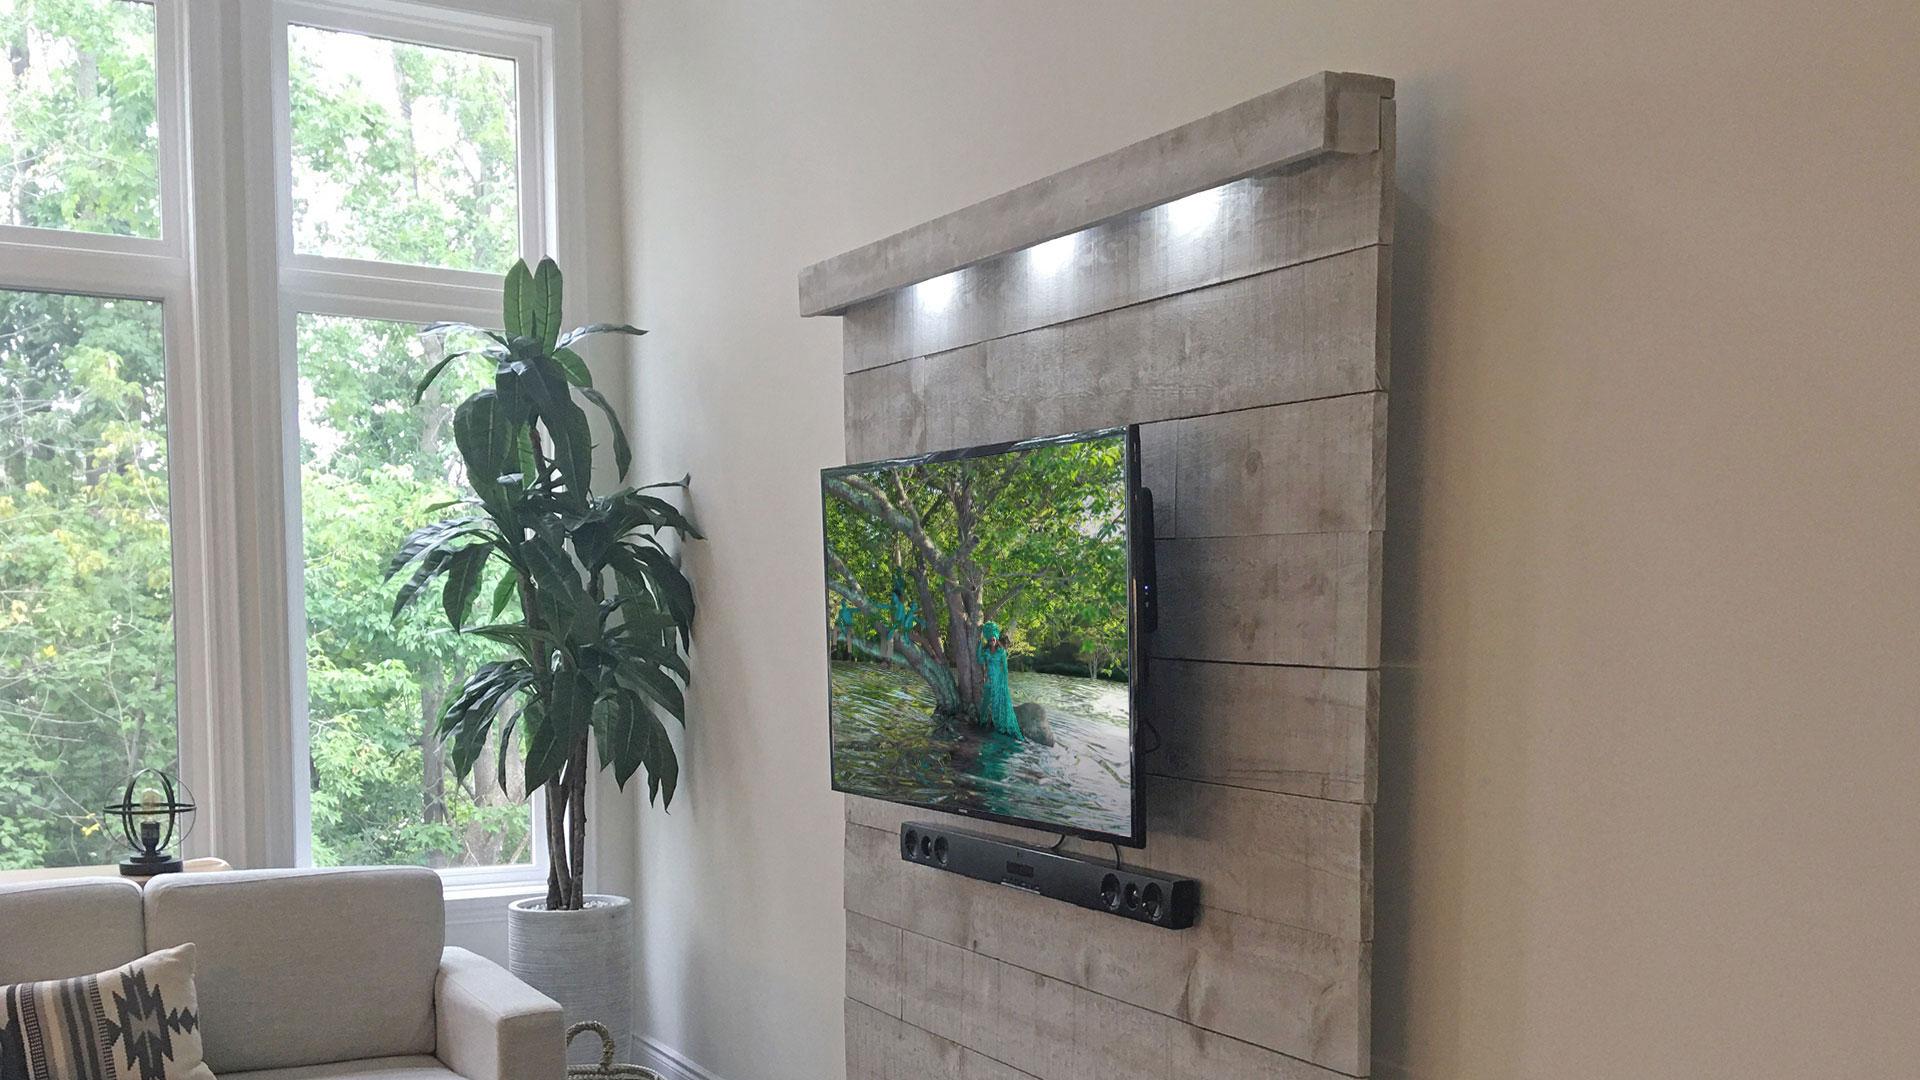 TT wall - DIY TV Wall ideas